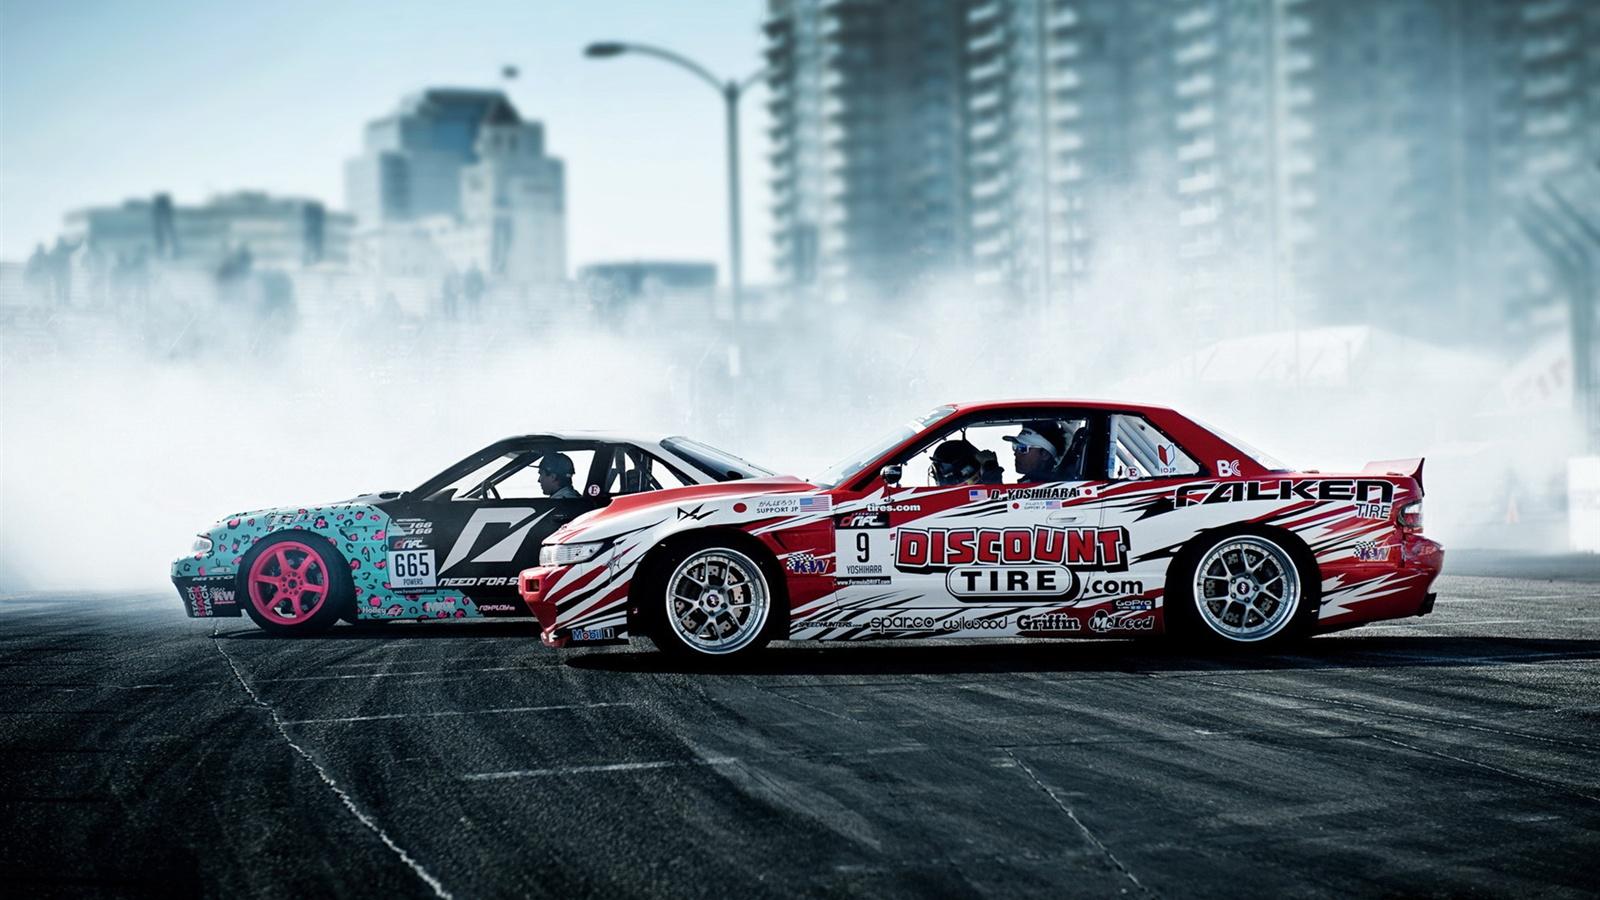 壁紙 ドリフト車のスポーツを吸う 19x10 Hd 無料のデスクトップの背景 画像